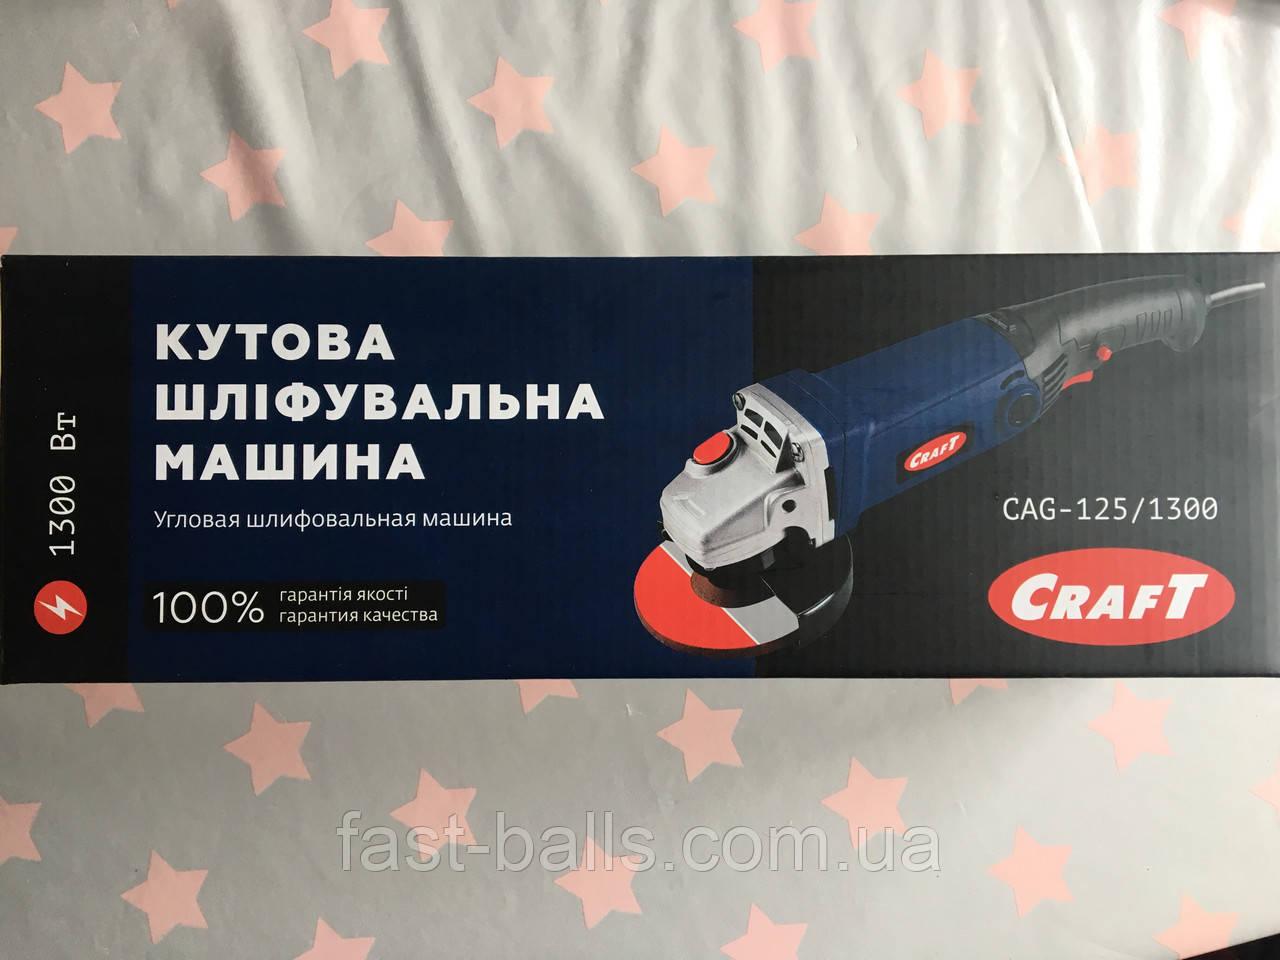 Болгарка CRAFT CAG - 125/1300